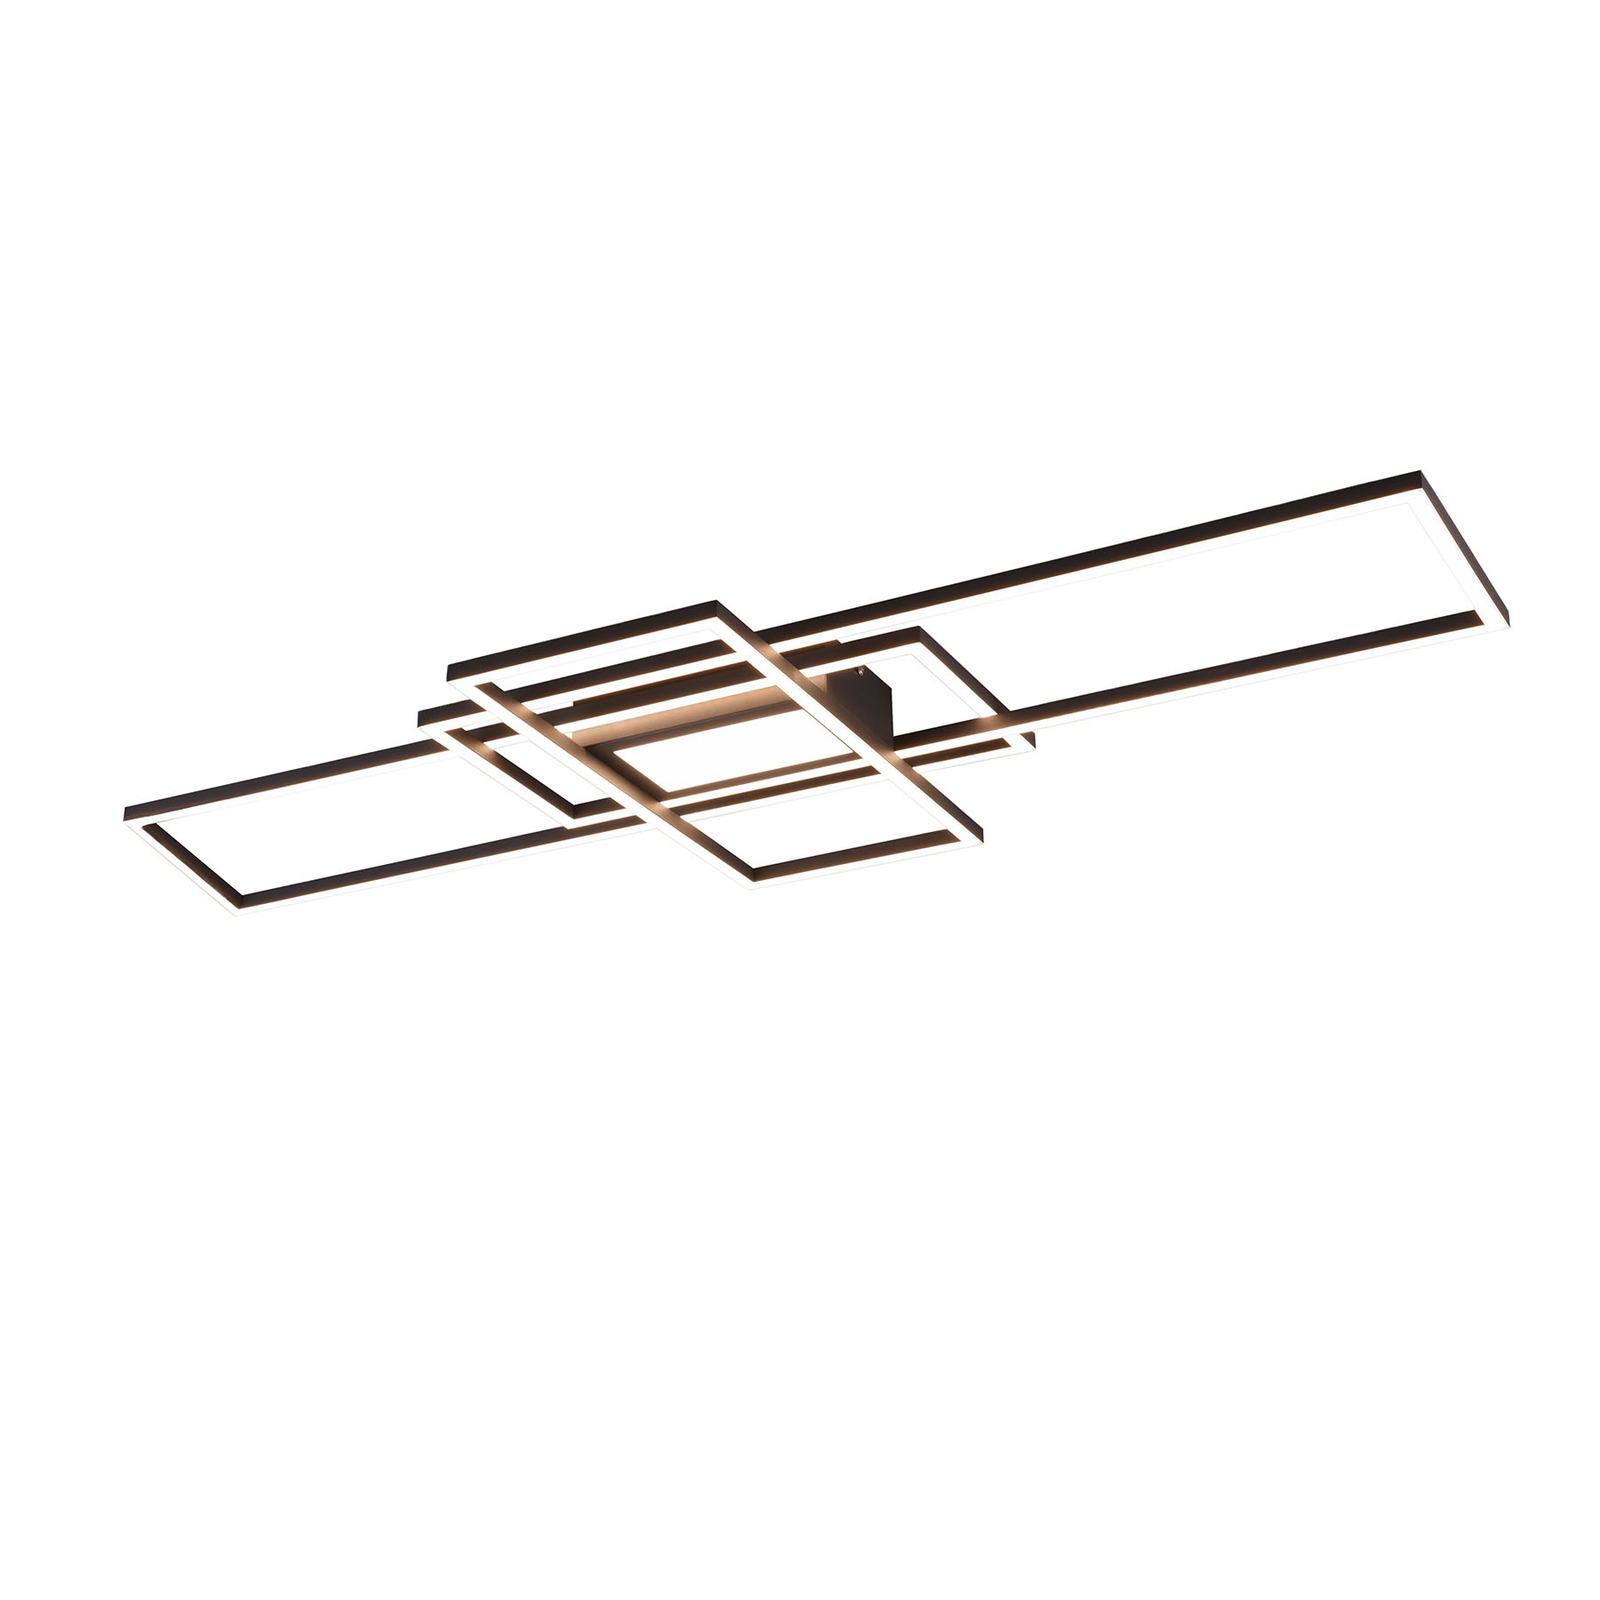 LED-vegglampe Irvine 3000-6500K, antrasitt